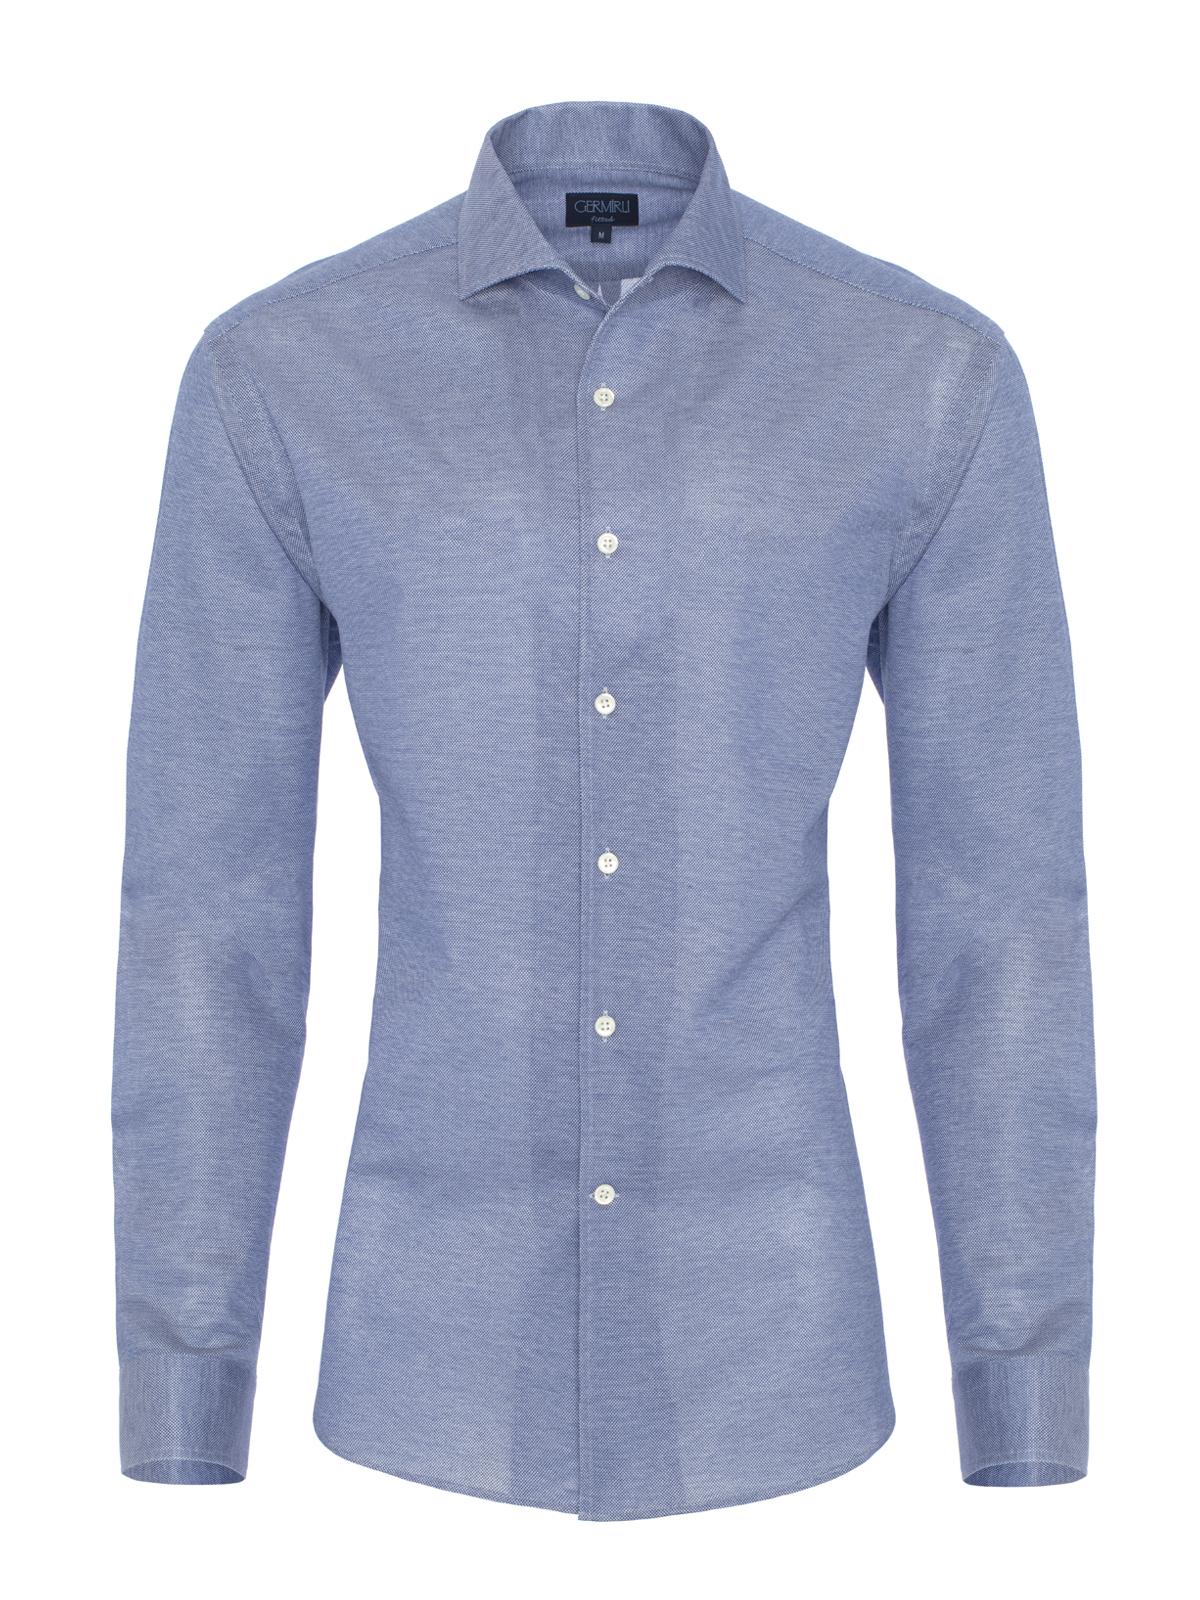 Germirli Nevapaş Tek Parça Yaka Mavi Piquet Örme Tailor Fit Gömlek